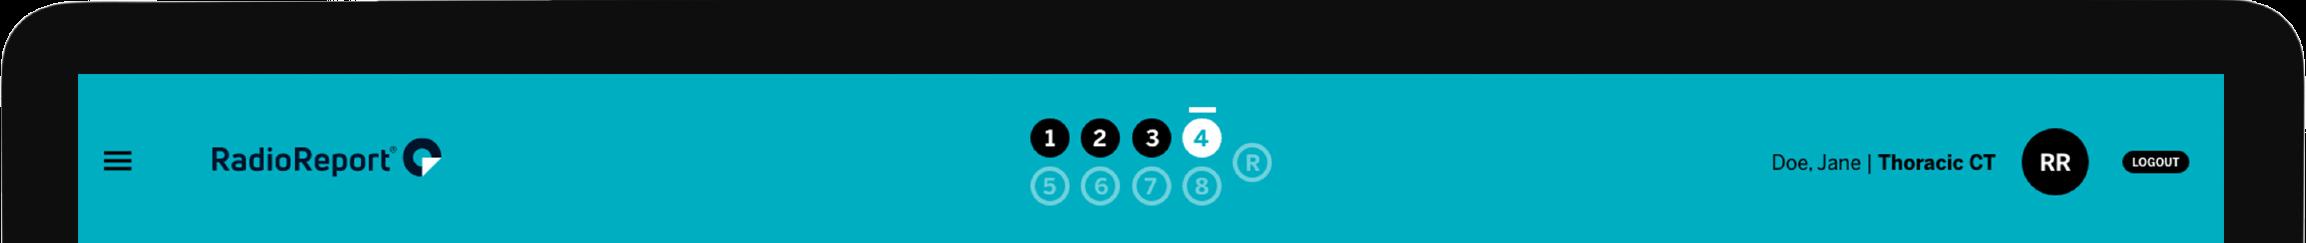 rr layout header 4k